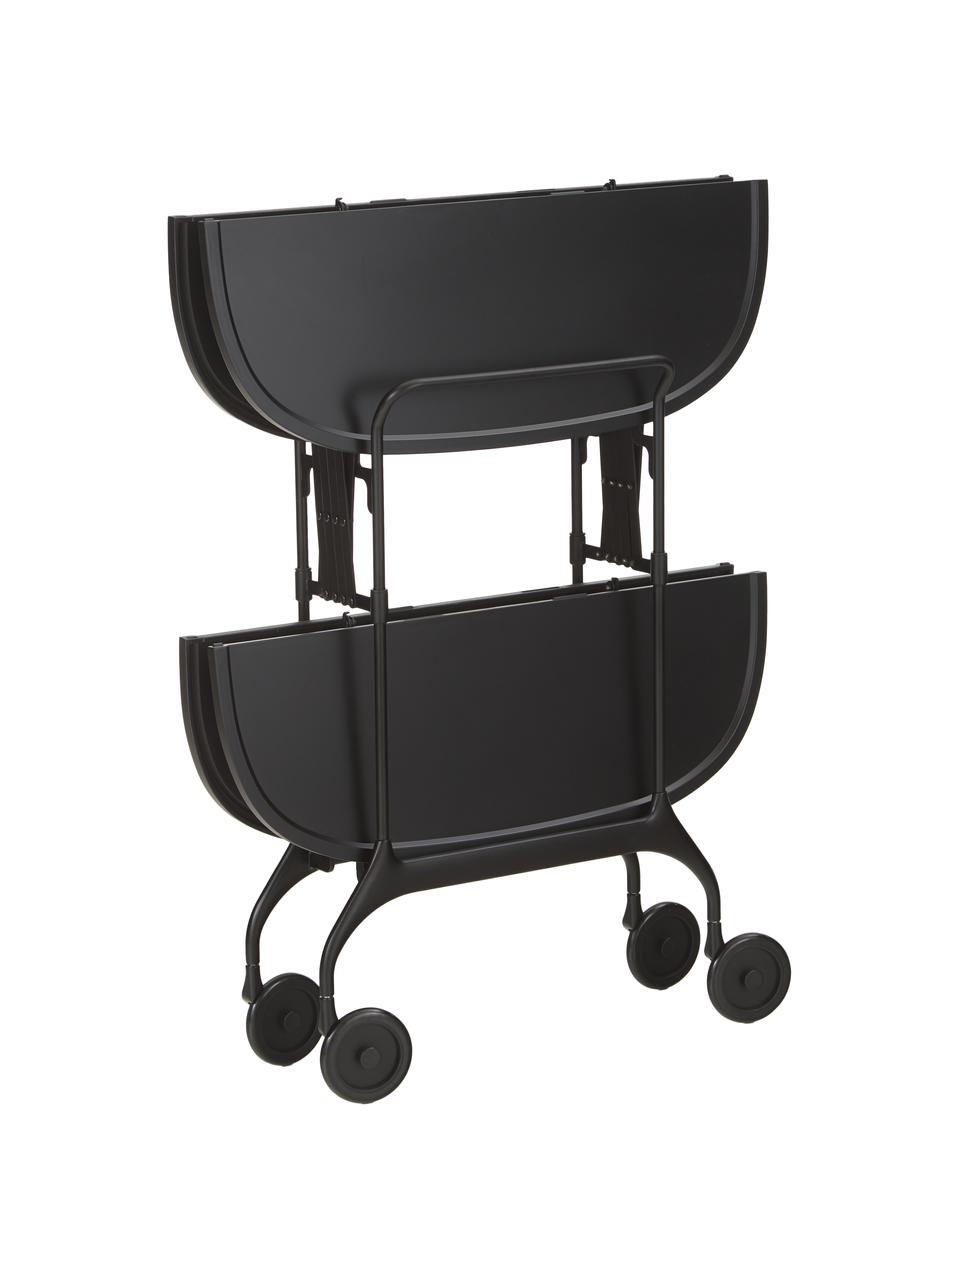 Składany wózek barowy z metalu Gastone, Stelaż: metal lakierowany, Czarny, S 68 x W 70 cm